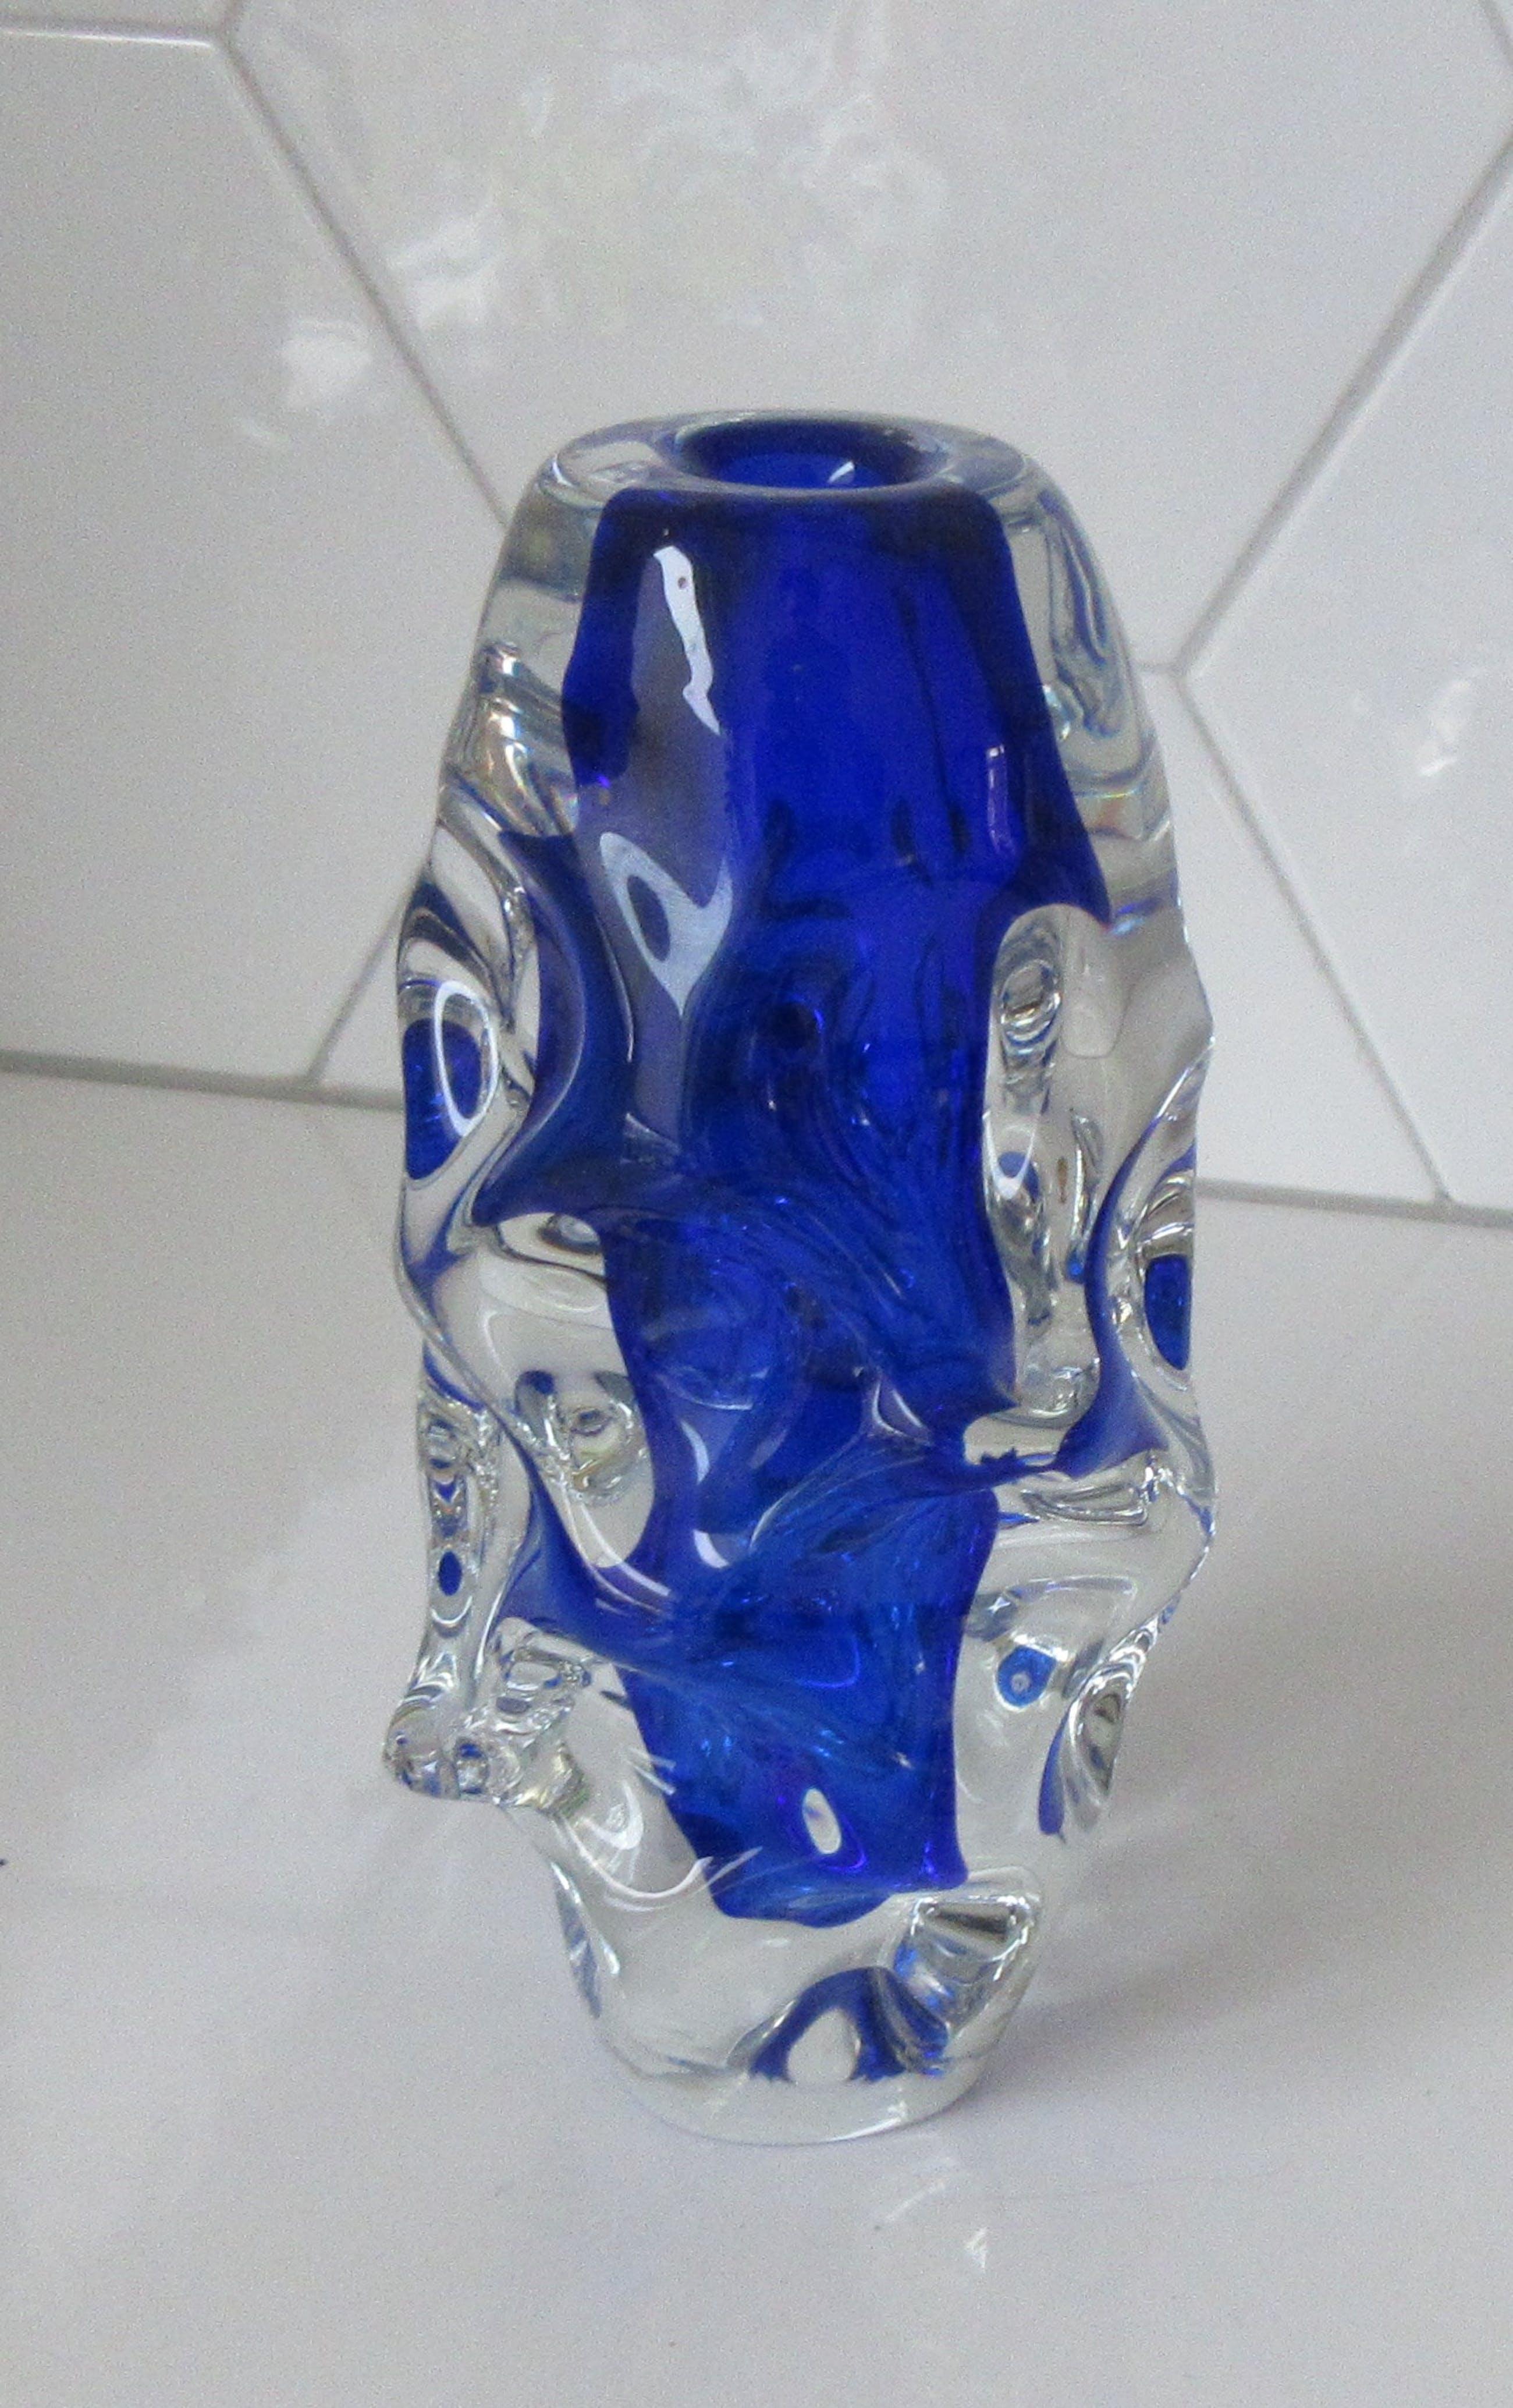 Jan Beranek - Cobalt blauwe dikwandige kunstglazen vaas kopen? Bied vanaf 45!